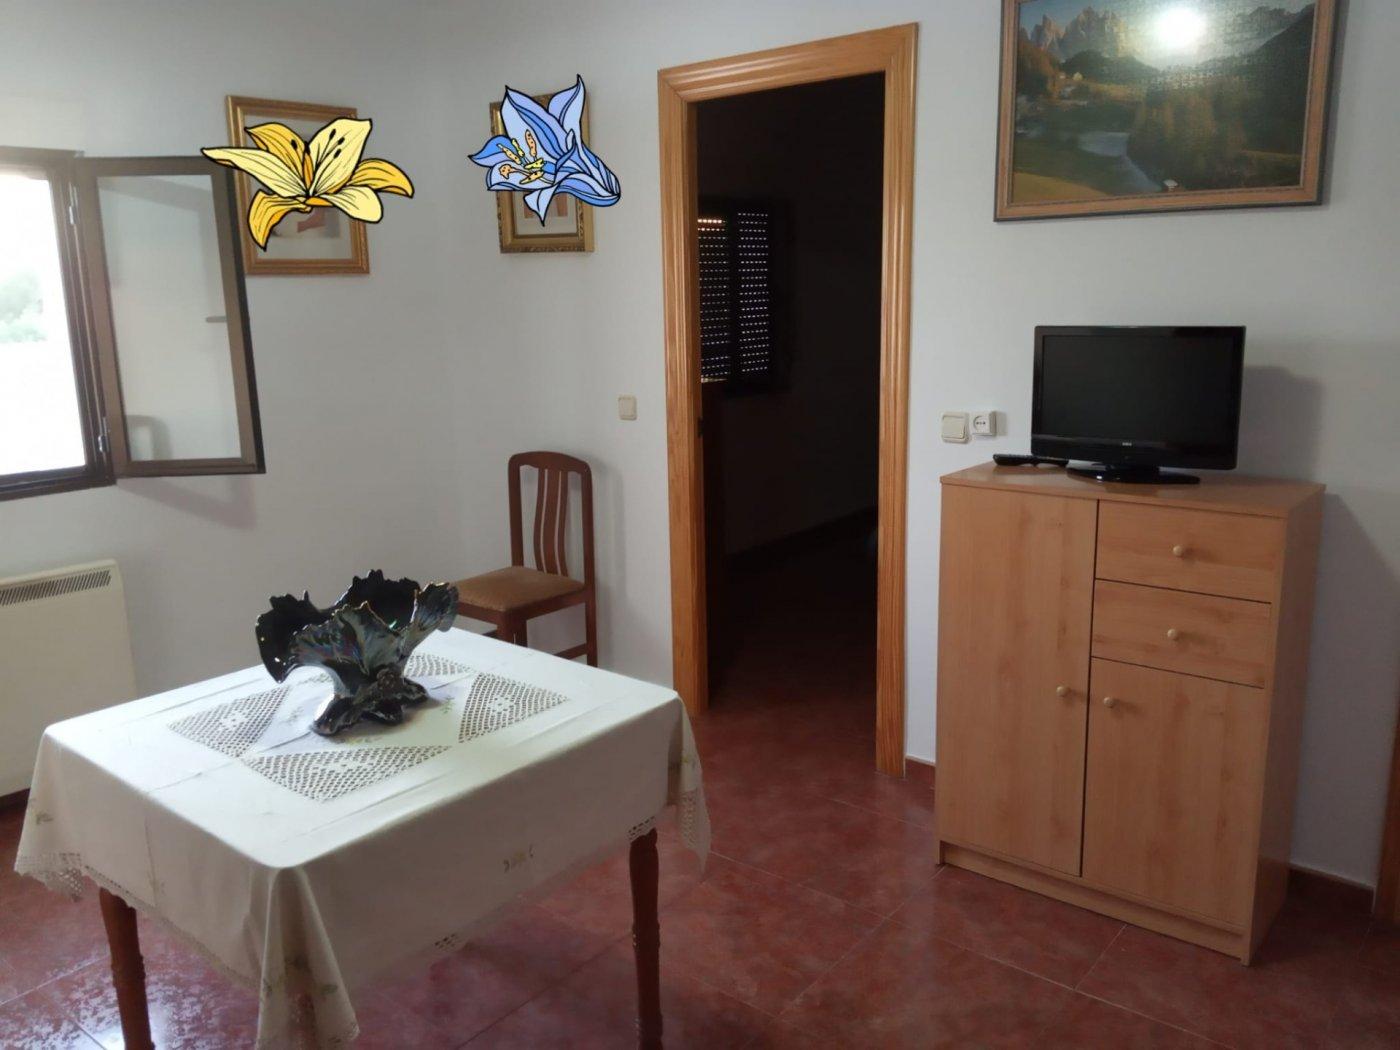 casa-con-terreno en villalgordo-del-jucar · villalgordo-del-jucar 105000€